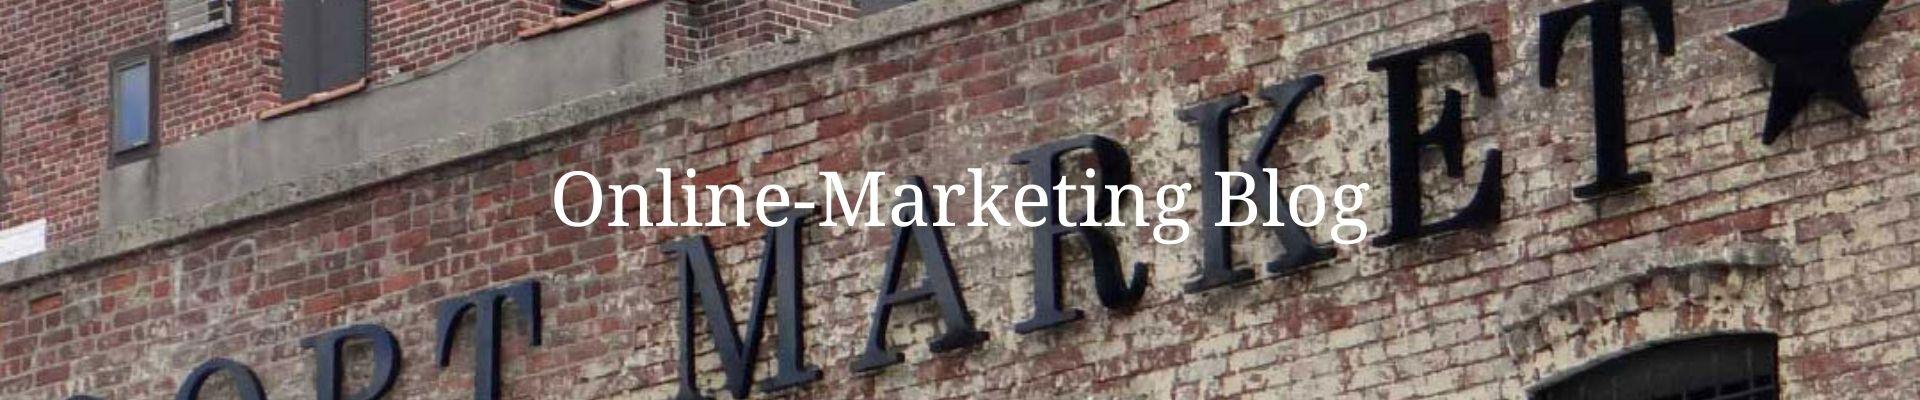 Online-Marketing-Blog von Cathrin Tusche